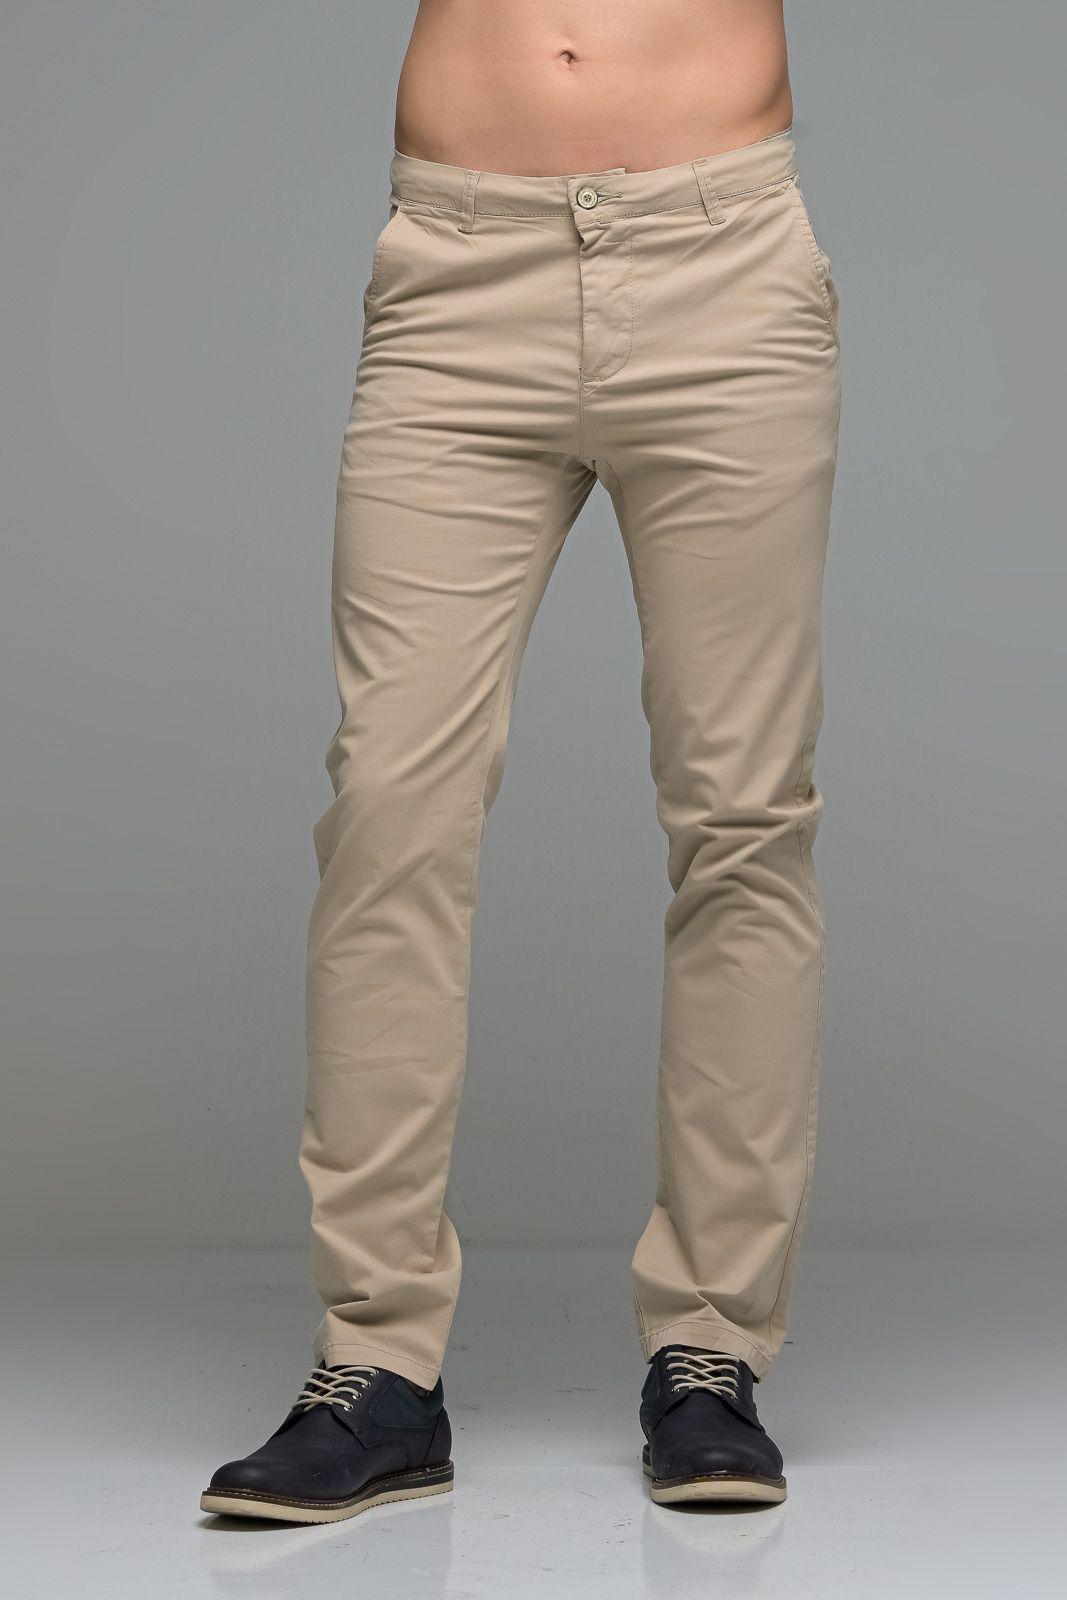 Καλοκαιρινό Ανδρικό Παντελόνι Chino MASSARO Μπεζ- Straight fit